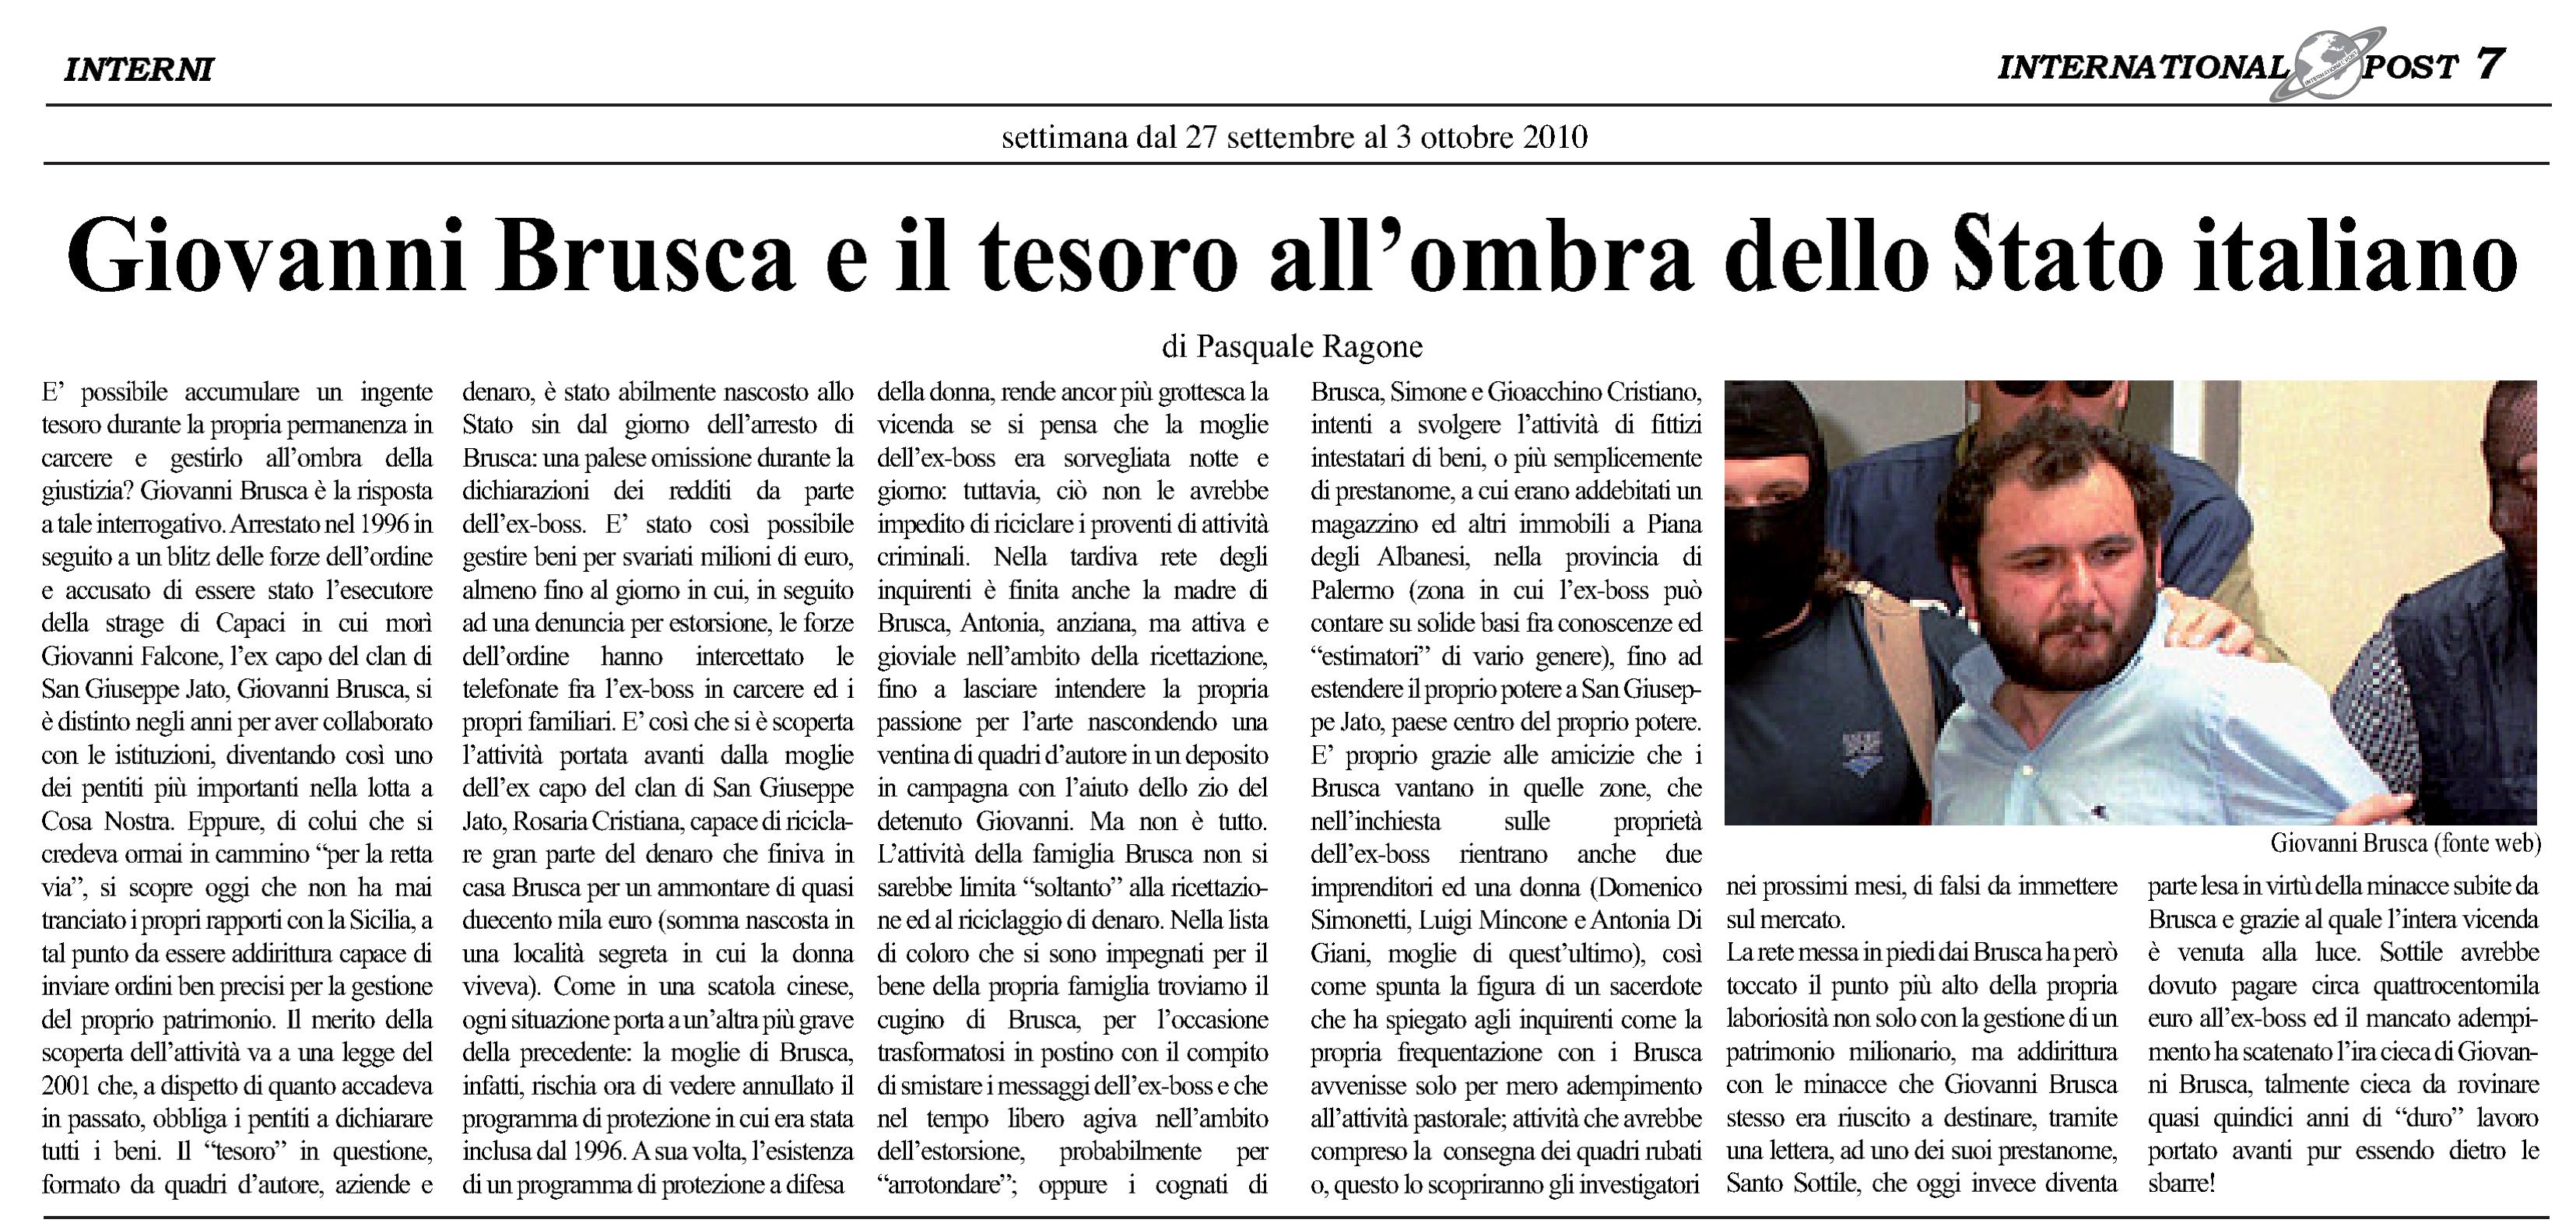 Giovanni Brusca e il tesoro all'ombra dello Stato italiano